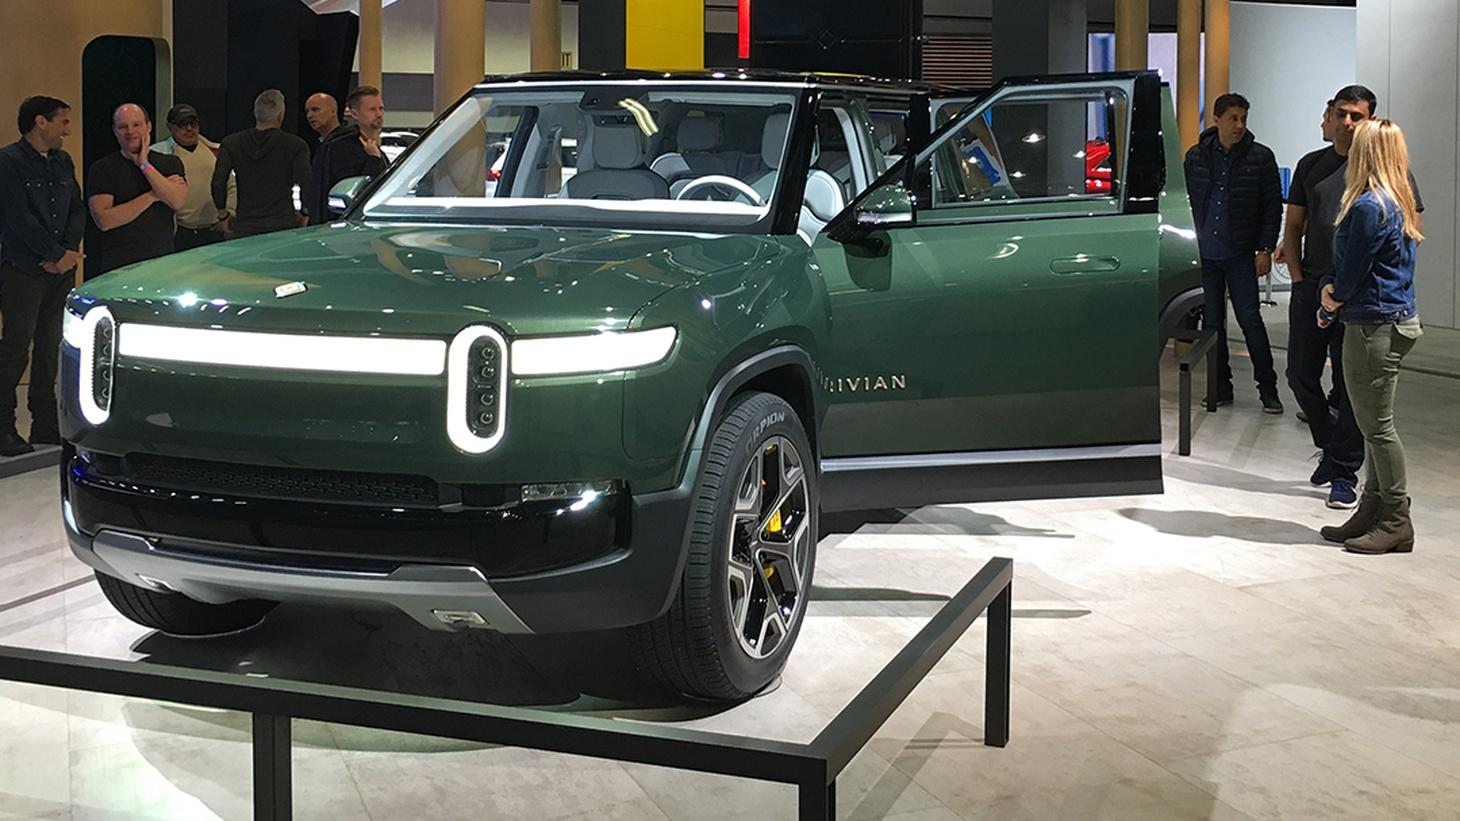 Rivian R1S Electric SUV at the LA Auto Show 2018.